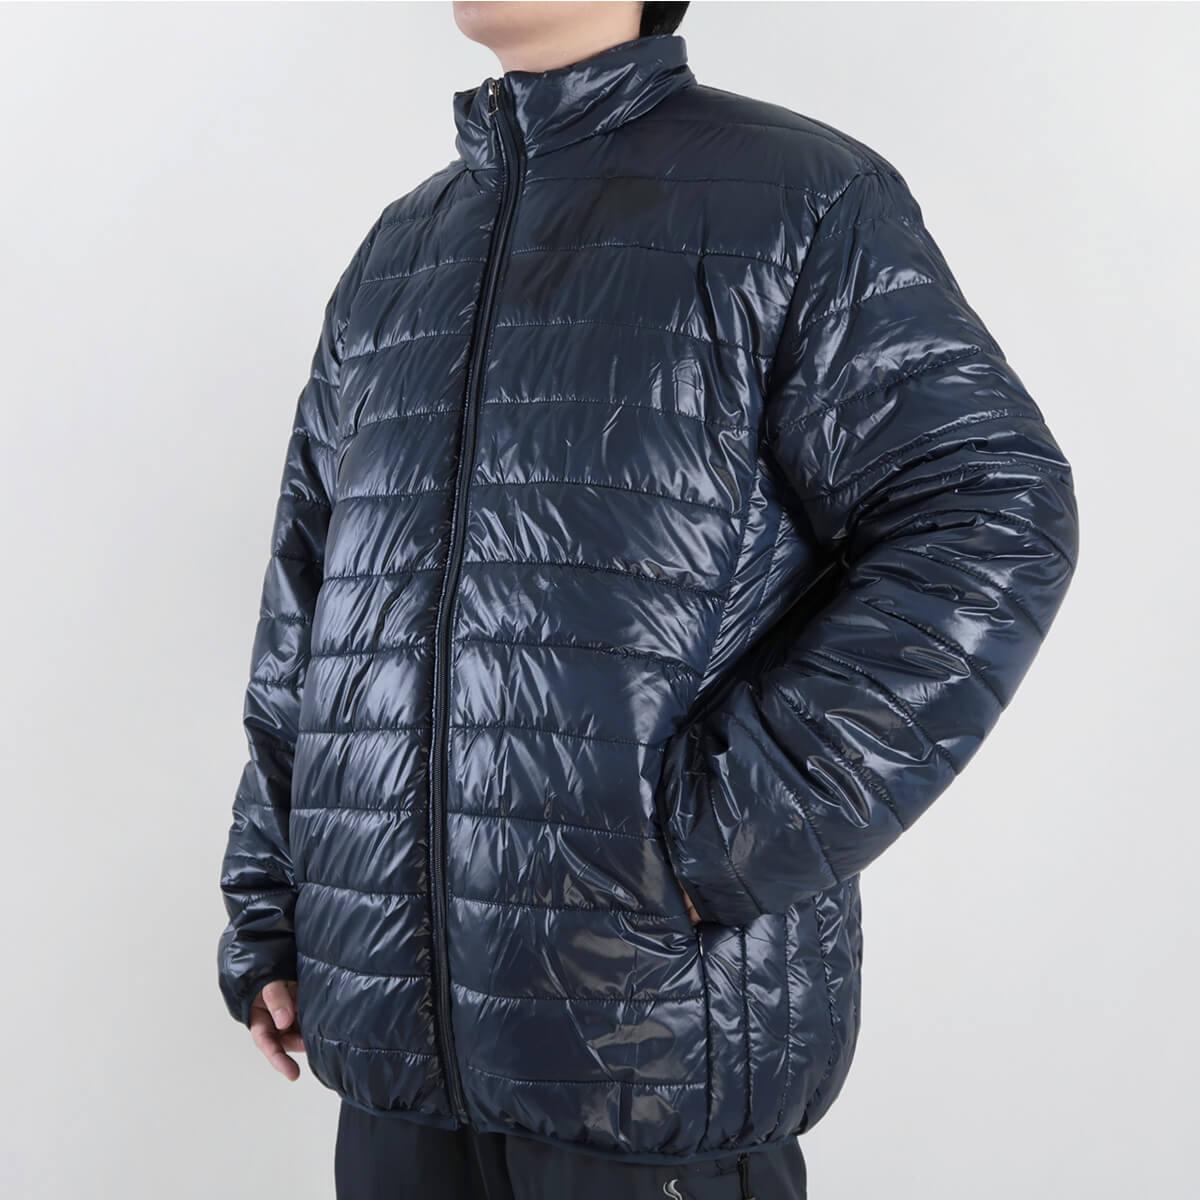 加大尺碼舖棉保暖外套 超輕量夾克外套 騎士外套 擋風外套 立領休閒外套 鋪棉外套 藍色外套 黑色外套 WARM PADDED JACKET (321-A831-08)深藍色、(321-A831-21)黑色、(321-A831-22)灰色 6L 7L 8L (胸圍58~62英吋) [實體店面保障] sun-e 2